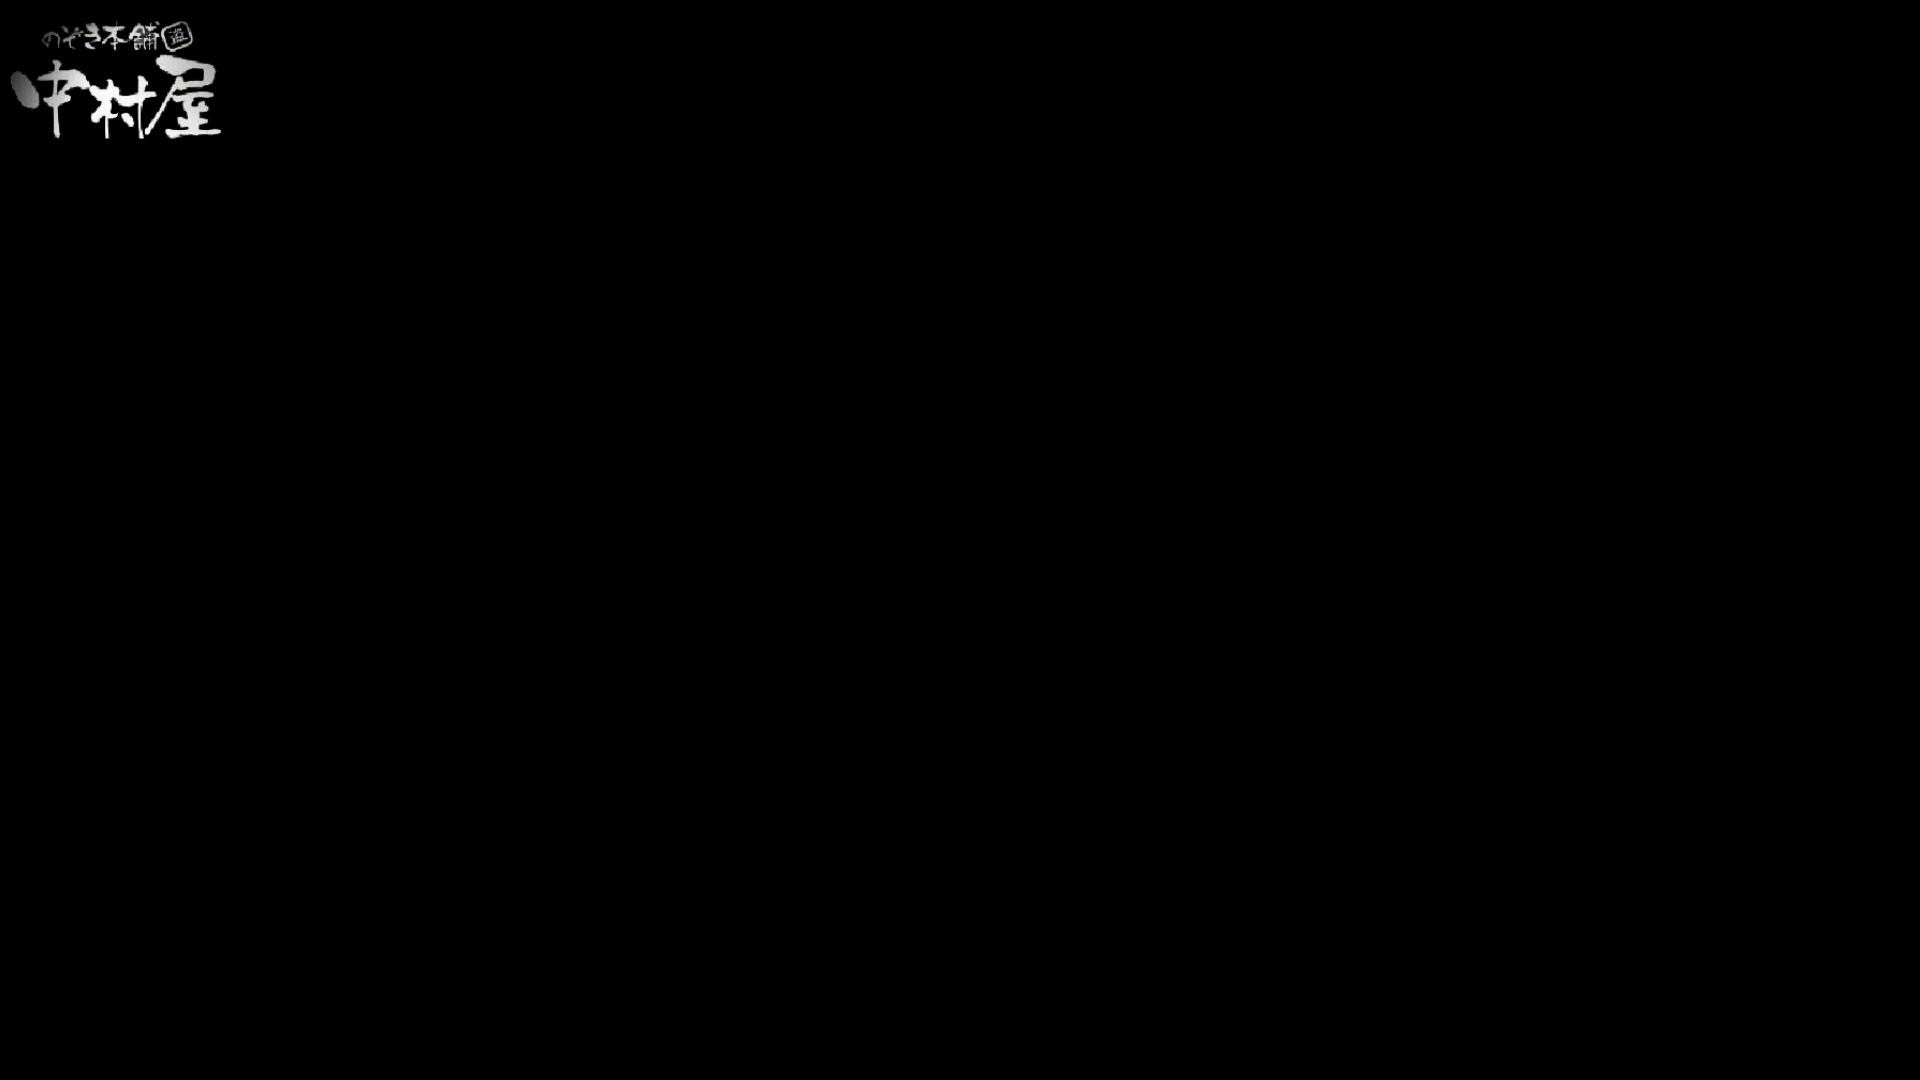 雅さんが厳選新年特別コンテンツ!激走!東京マラソン選手専用女子トイレvol.9  31枚